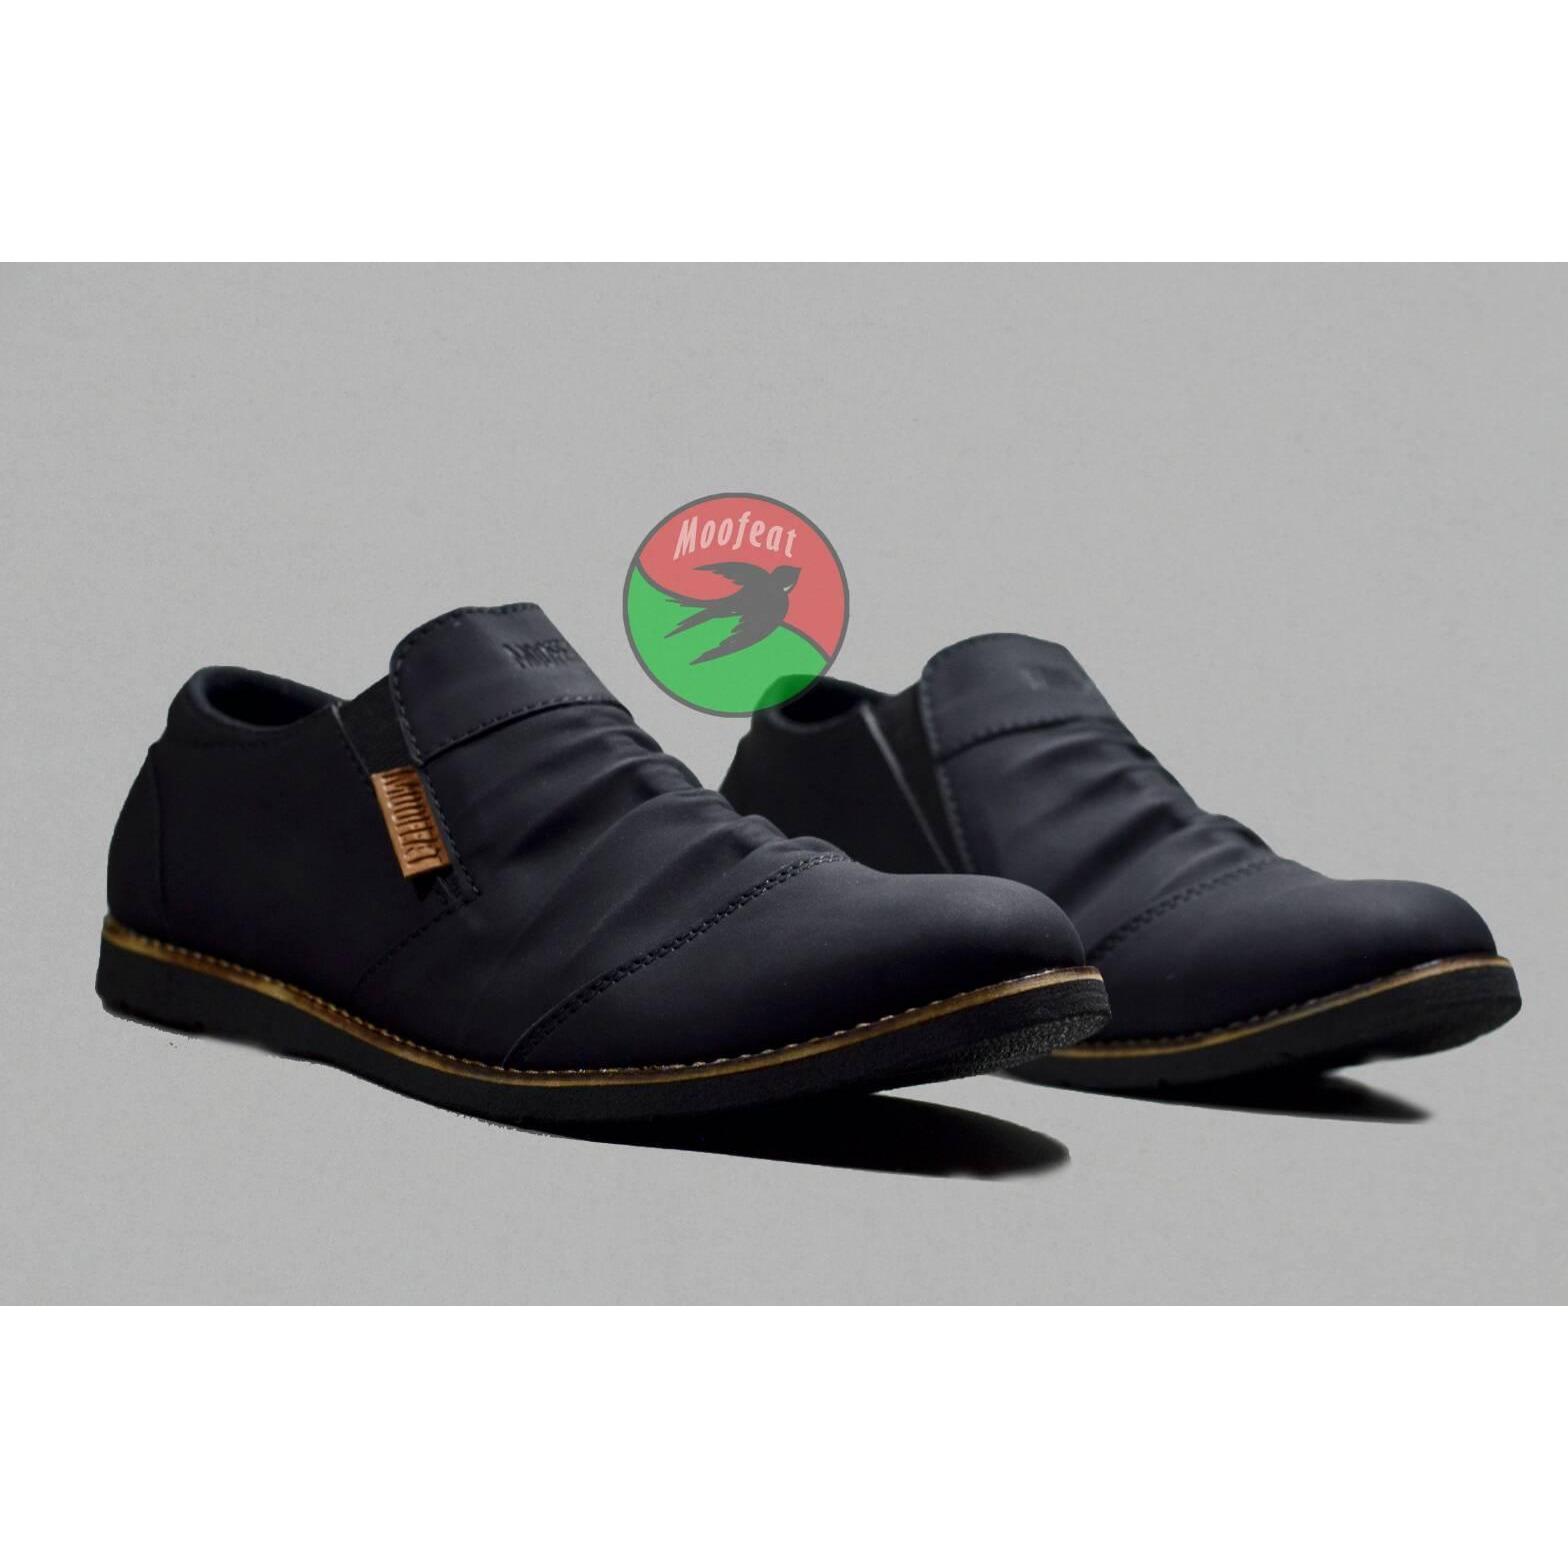 sepatu formal slip on kerja kantoran pria moofeat wrinkle original handmade